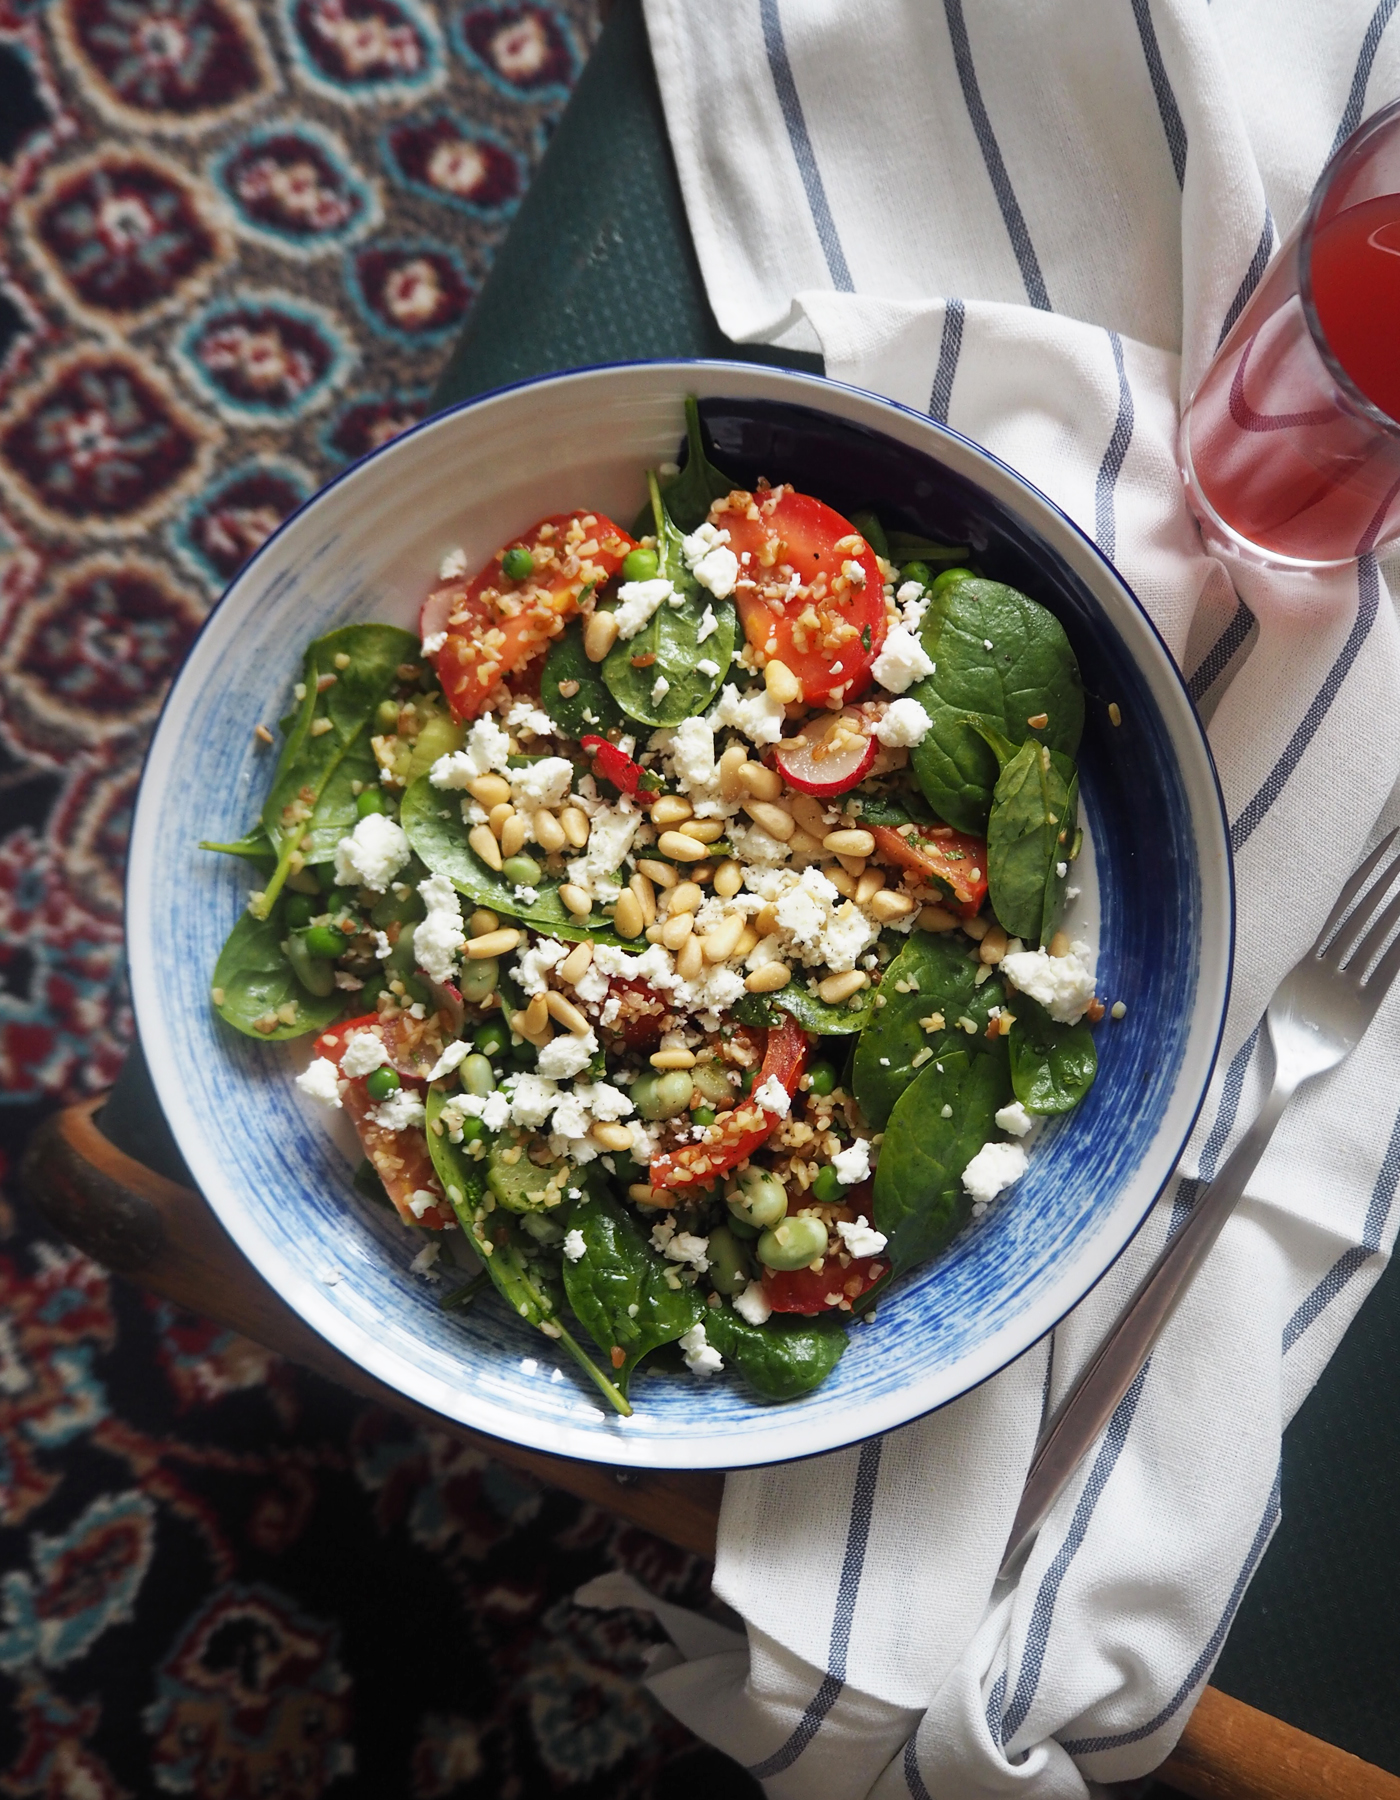 Pea, feta & quinoa salad